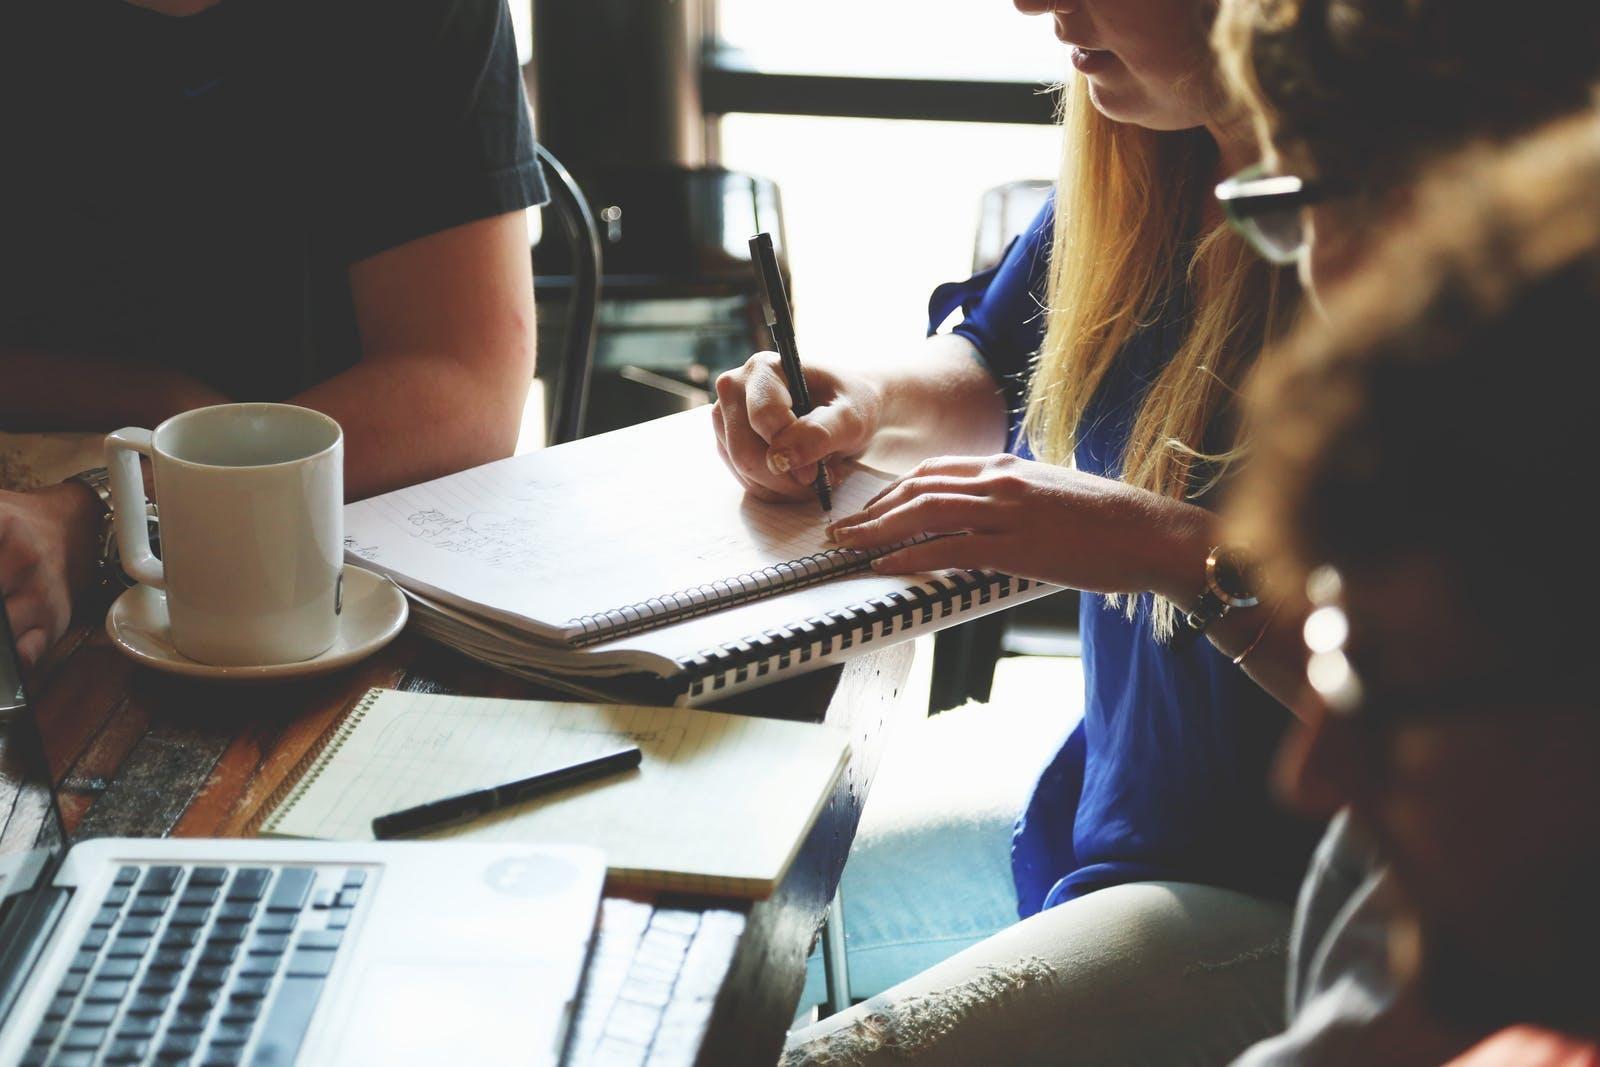 114495_people-woman-coffee-meeting.jpg